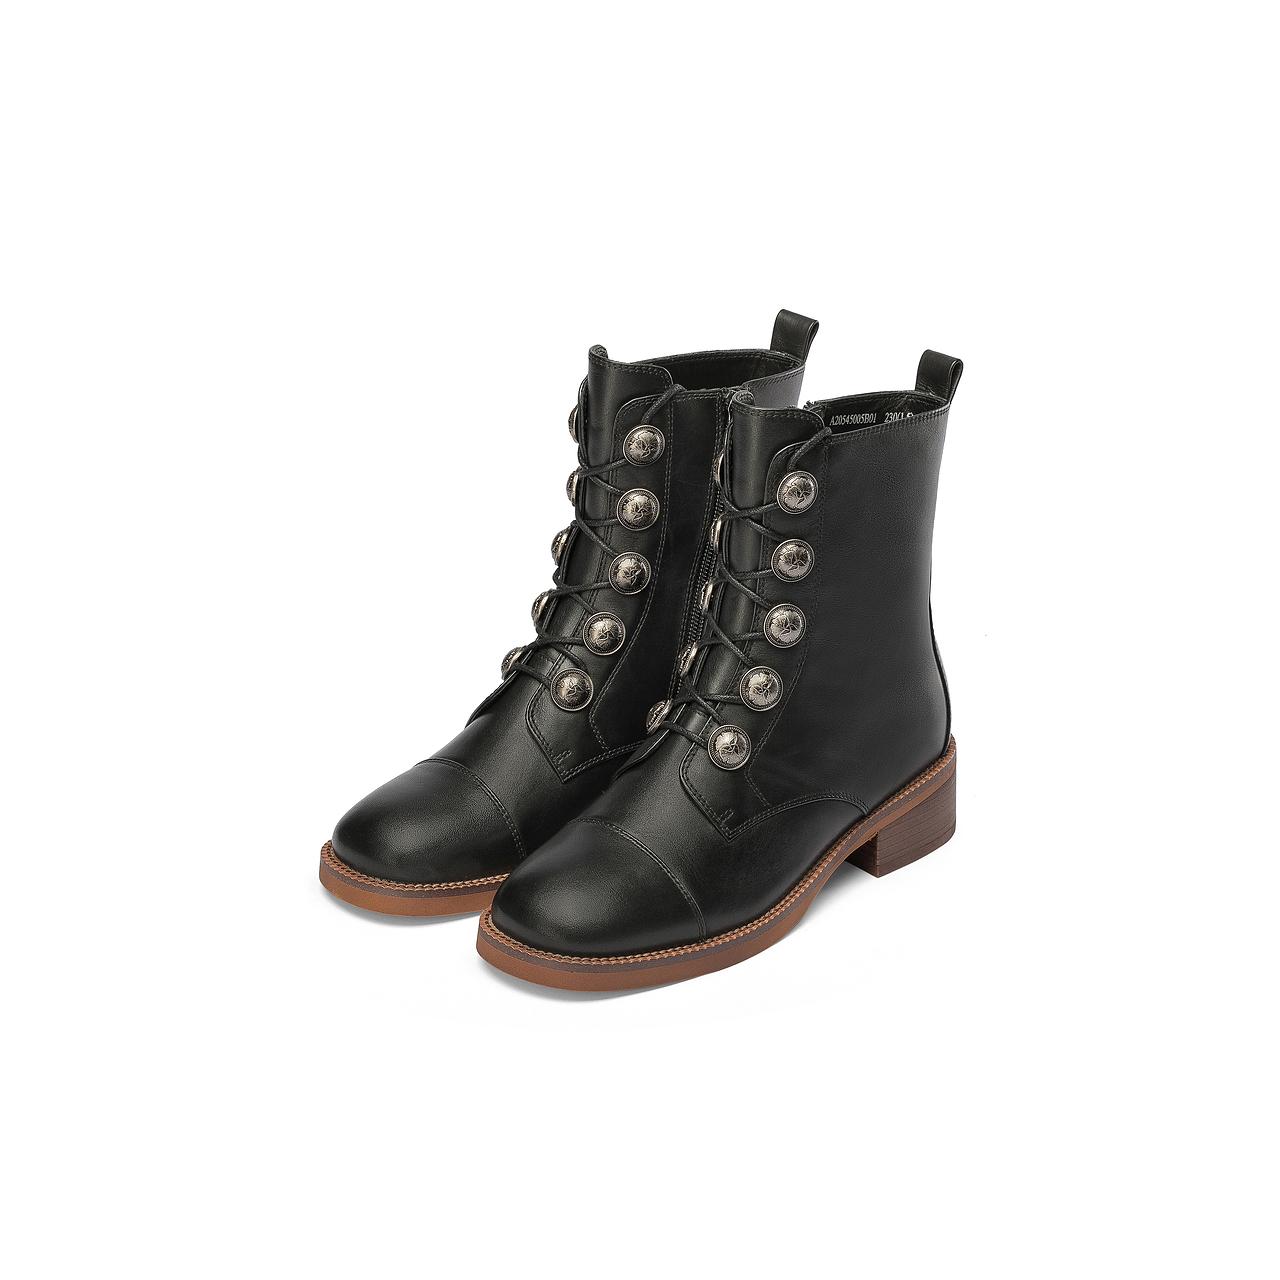 新款复古女靴街头潮流马丁靴休闲骑士靴 2020 千百度女鞋方跟短靴